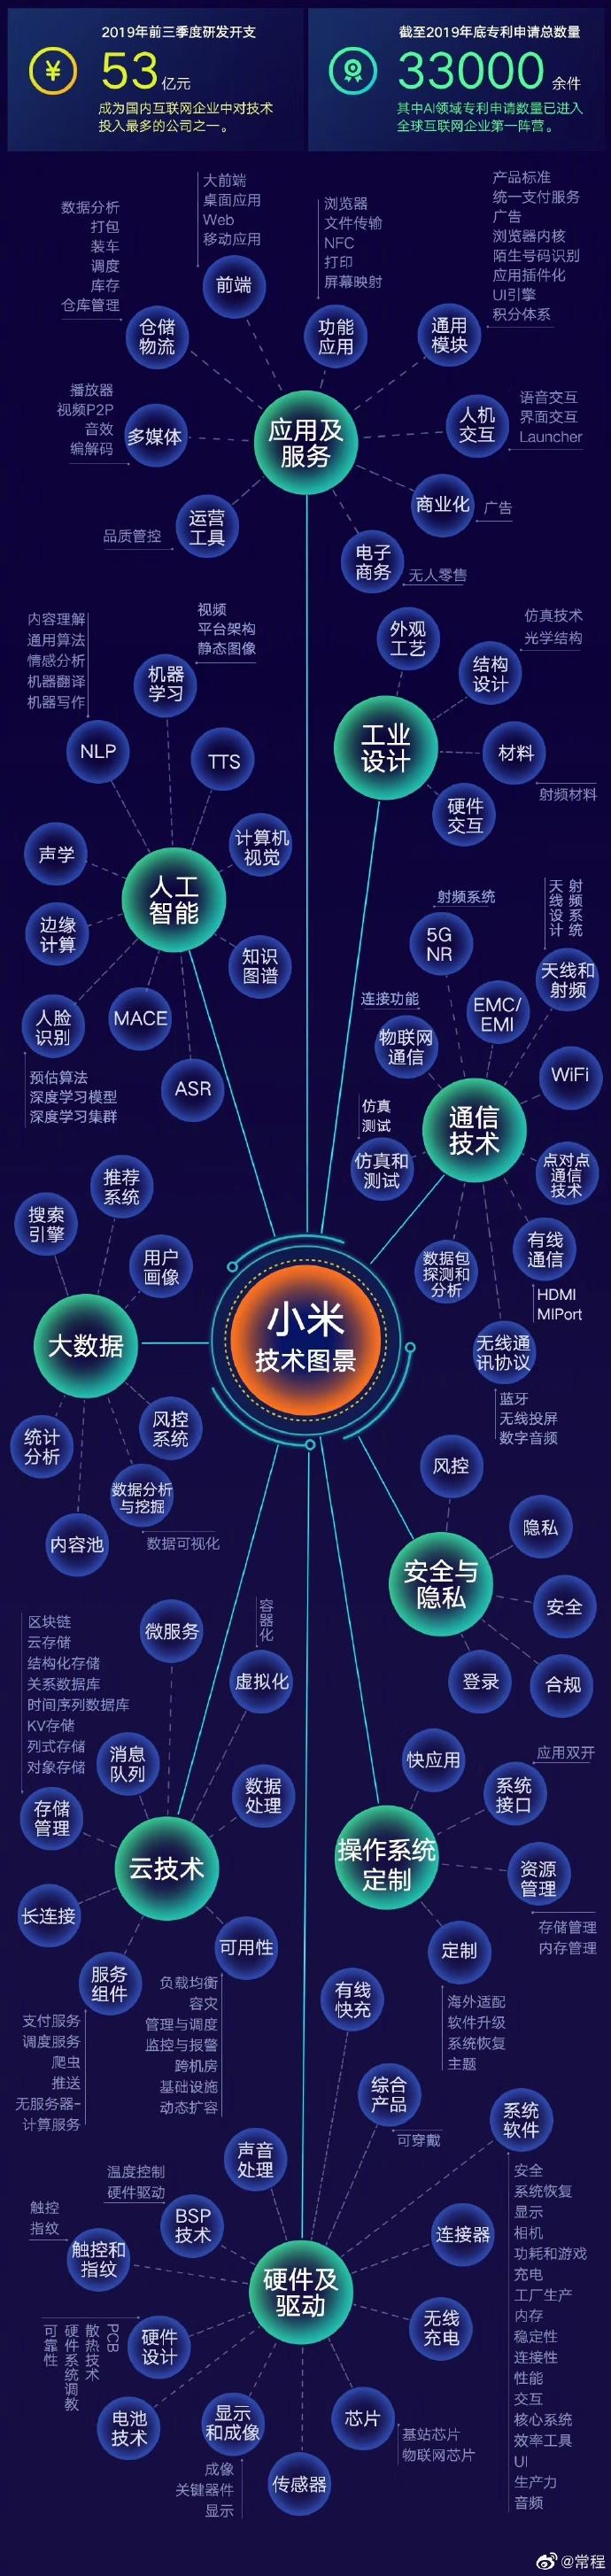 http://www.reviewcode.cn/yunweiguanli/111747.html